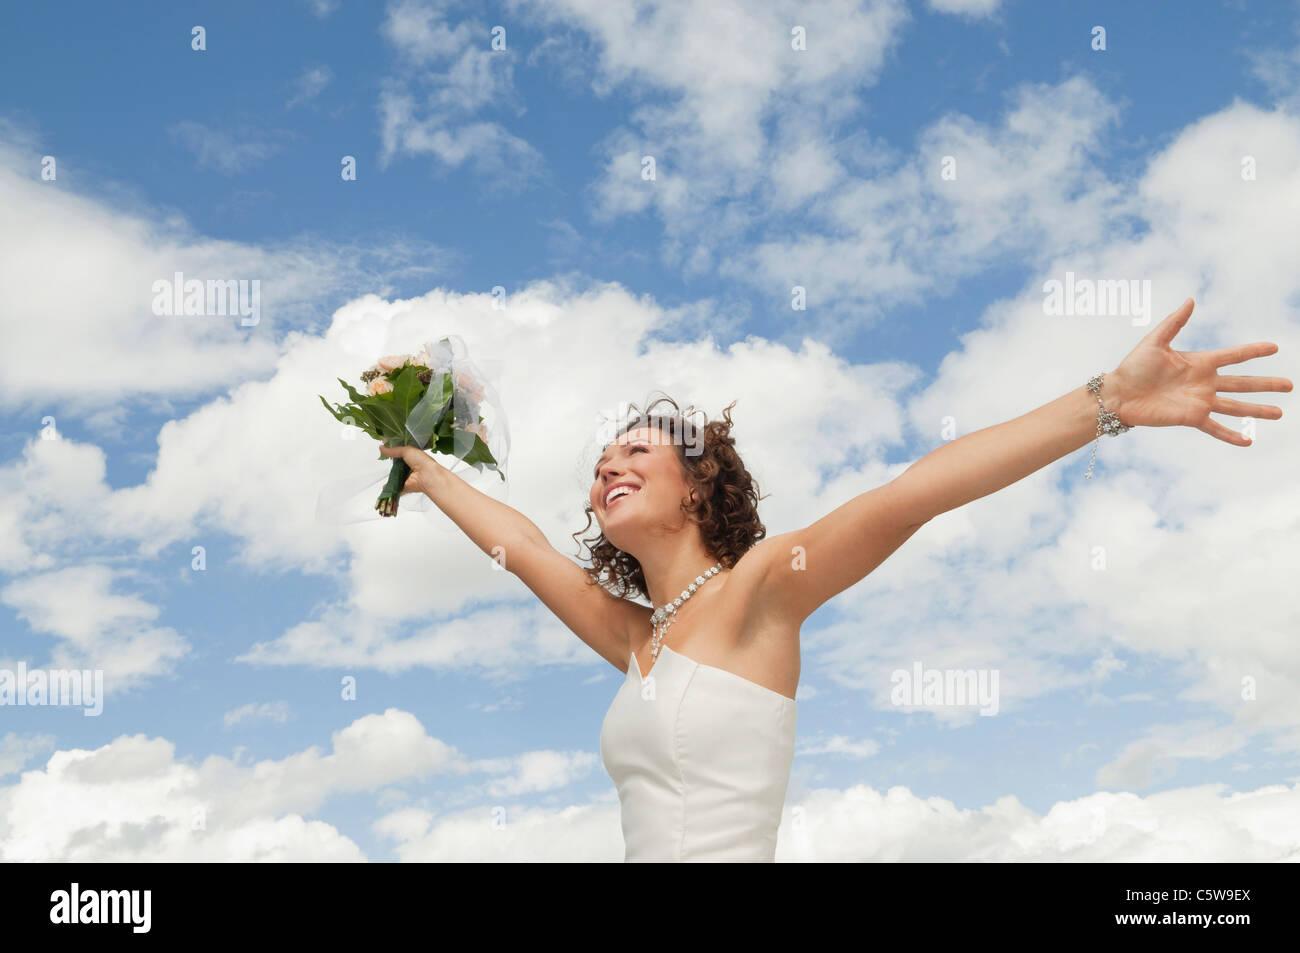 Alemania, Baviera, sonriente novia con bouquet y brazos outstreched , al aire libre Imagen De Stock